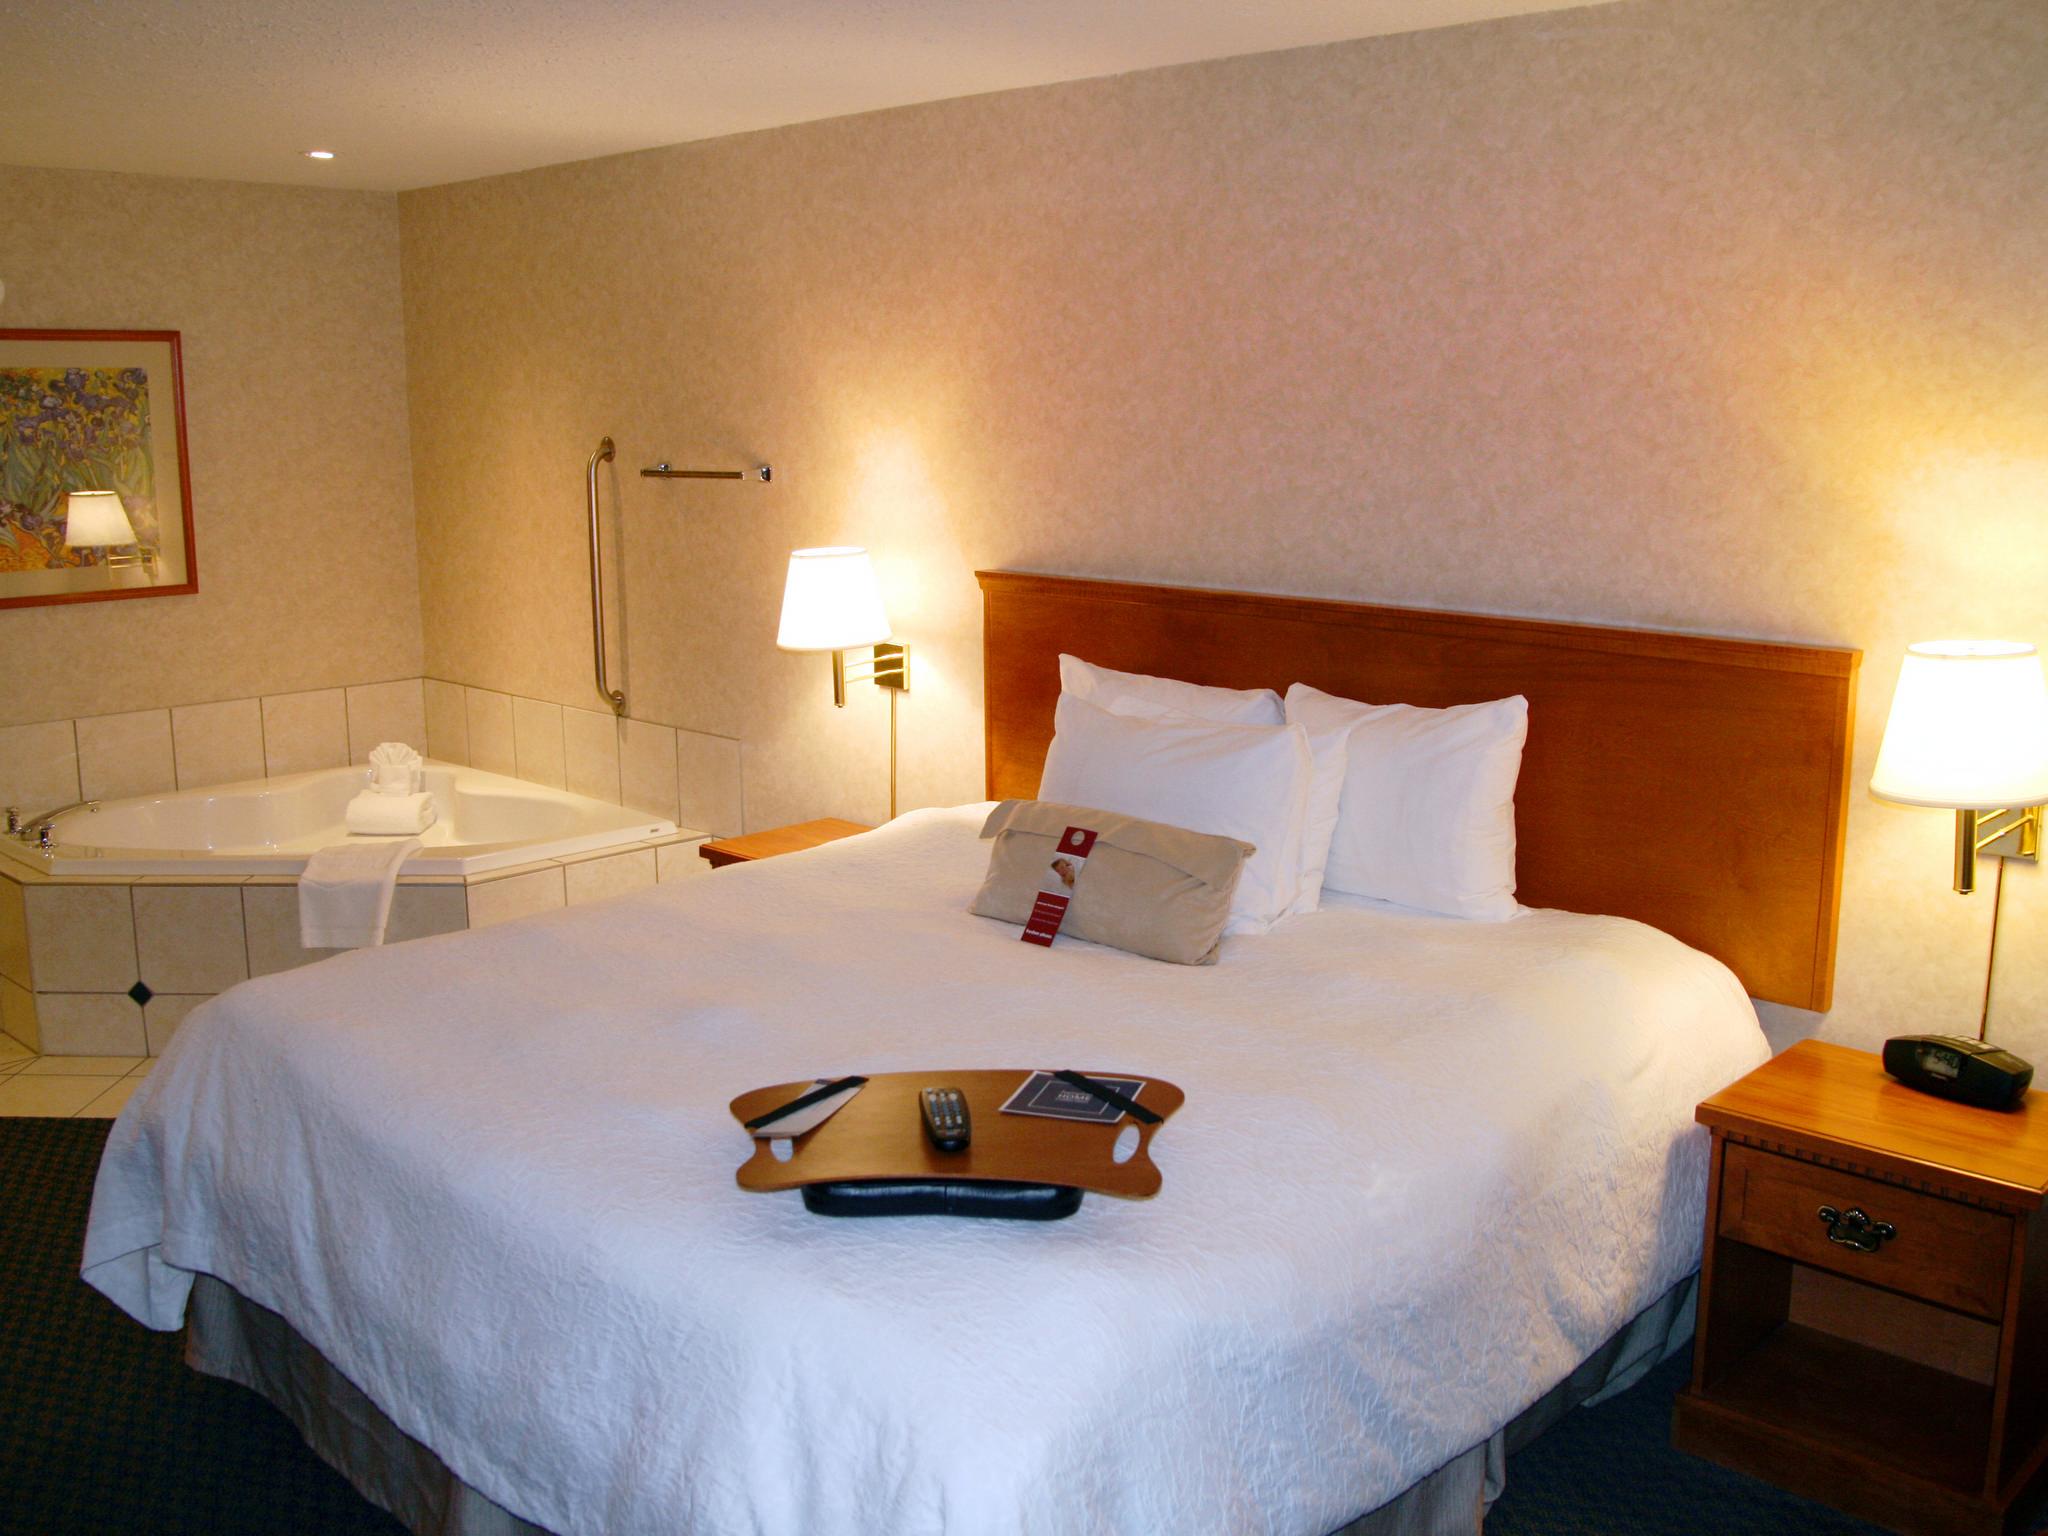 Hôtel Hampton Inn & Suites By Hilton Calgary-University Northwest, Alb., Canada - Chambre avec très grand lit et bain à remous